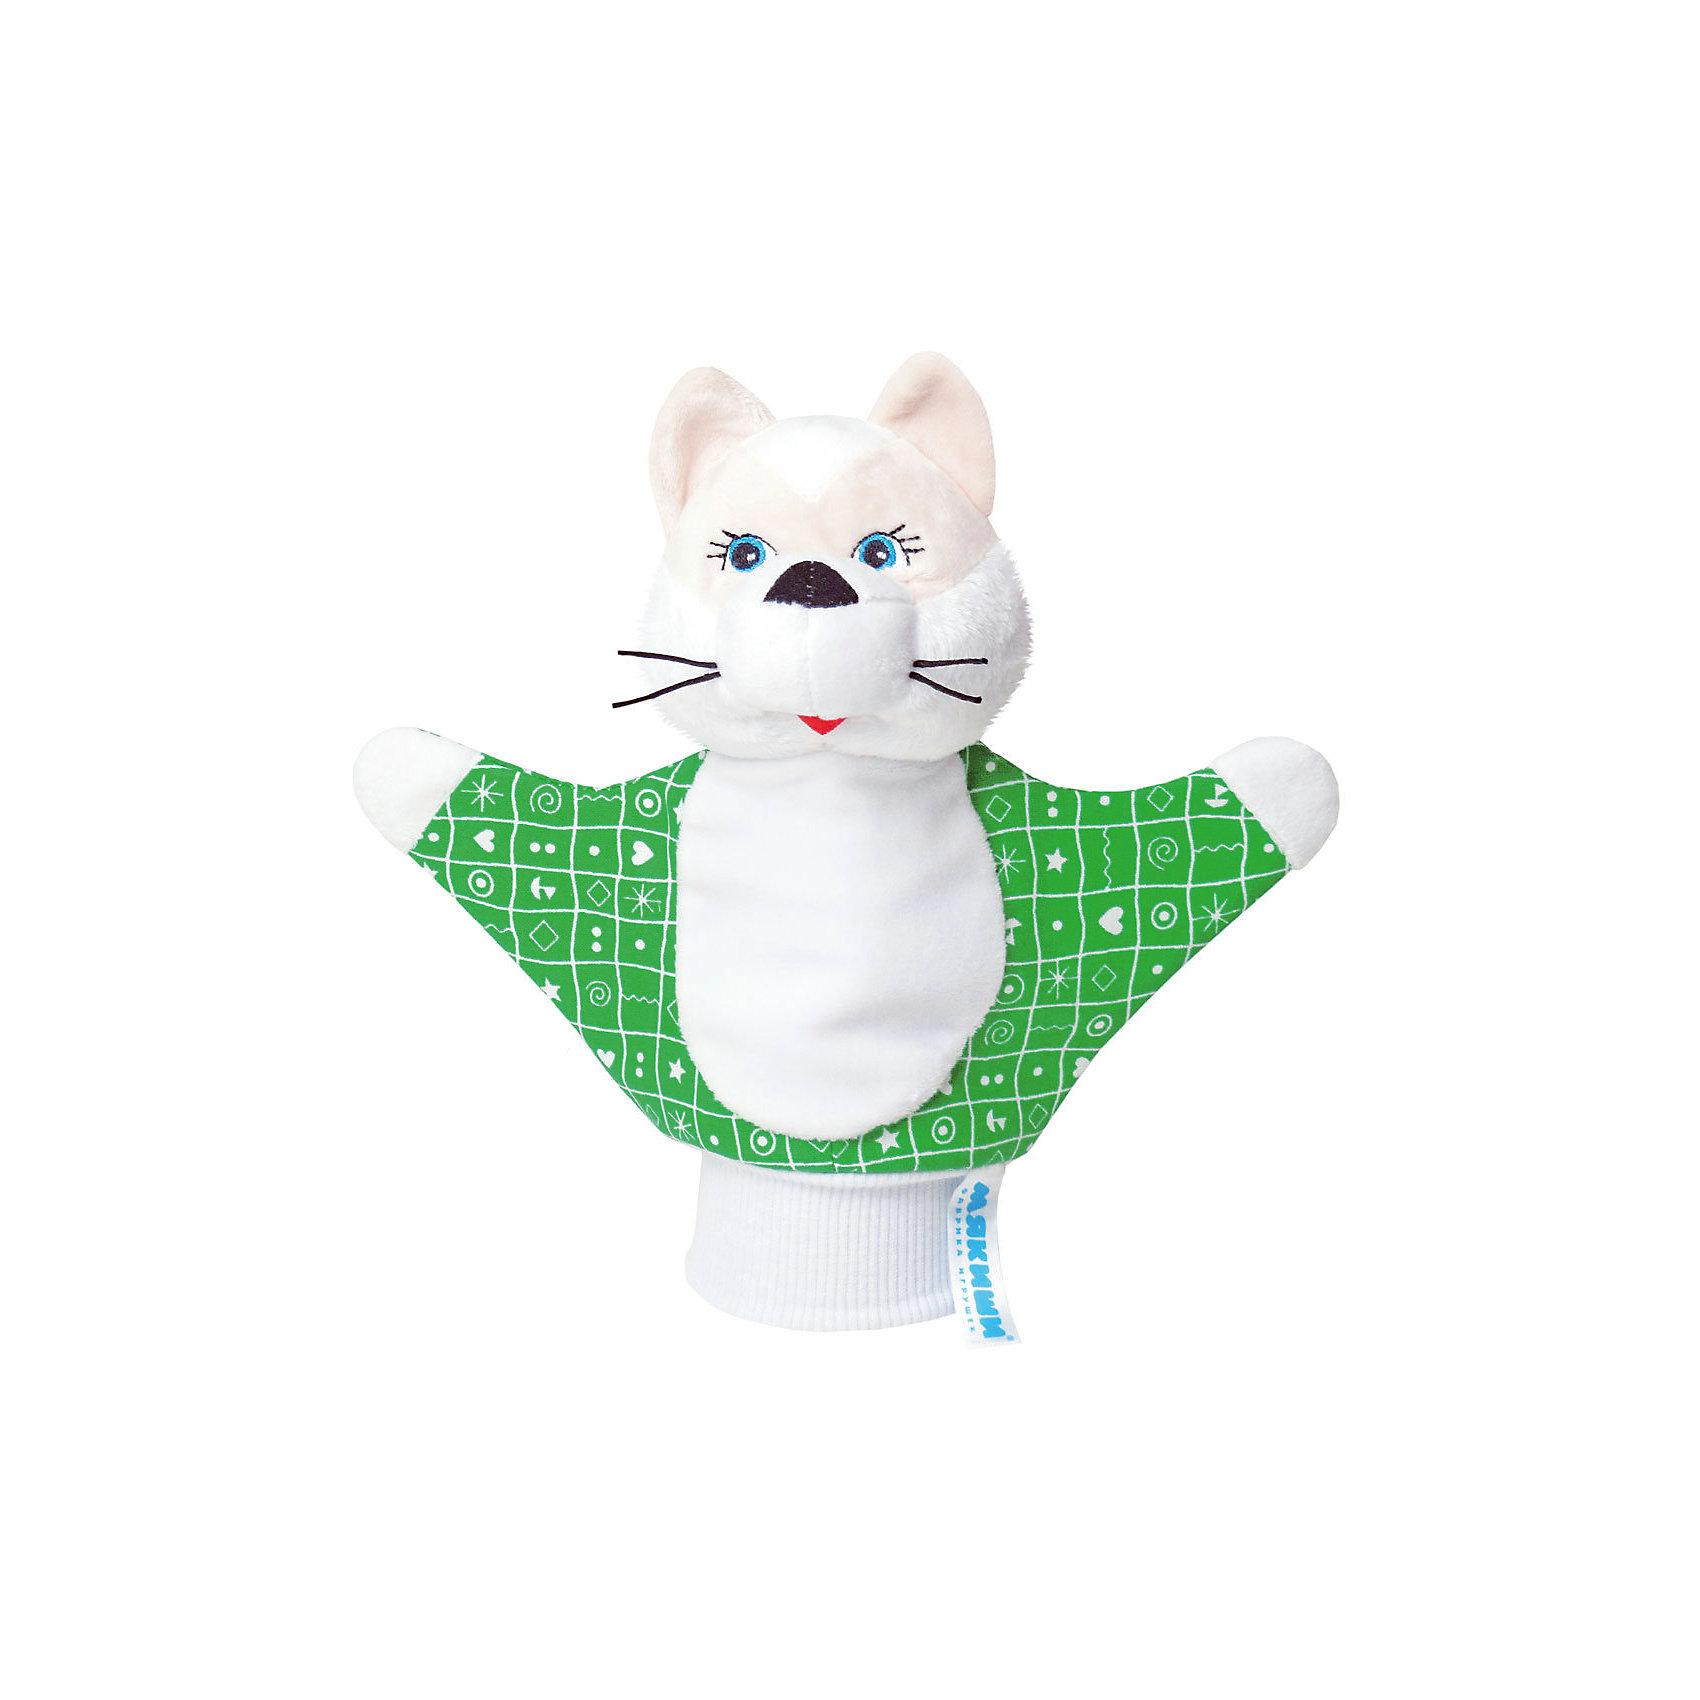 Игрушка-рукавичка Котенок, МякишиМягкие игрушки на руку<br>Характеристики товара:<br><br>• материал: трикотаж, велюр<br>• комплектация: 1 шт<br>• размер игрушки: 22х21 см<br>• размер упаковки: 22х21 см<br>• развивающая игрушка<br>• упаковка: пакет<br>• звуковой элемент внутри<br>• страна бренда: РФ<br>• страна изготовитель: РФ<br><br>Малыши активно познают мир и тянутся к новой информации. Чтобы сделать процесс изучения окружающего пространства интереснее, ребенку можно подарить развивающие игрушки. В процессе игры информация усваивается намного лучше!<br>Такие игрушки-рукавички помогут занять малыша, играть с ними приятно и весело. Игрушка имеет универсальный размер - она отлично сядет и по взрослой руке и по детской ручке. С ней можно разыграть множество сюжетов! Одновременно она позволит познакомиться с разными цветами и фактурами. Такие игрушки развивают тактильные ощущения, моторику, цветовосприятие, логику, воображение, учат фокусировать внимание. Каждое изделие абсолютно безопасно – оно создано из качественной ткани с мягким наполнителем. Игрушки производятся из качественных и проверенных материалов, которые безопасны для детей.<br><br>Игрушку-рукавичку Котенок от бренда Мякиши можно купить в нашем интернет-магазине.<br><br>Ширина мм: 200<br>Глубина мм: 80<br>Высота мм: 210<br>Вес г: 50<br>Возраст от месяцев: 12<br>Возраст до месяцев: 36<br>Пол: Унисекс<br>Возраст: Детский<br>SKU: 5183165